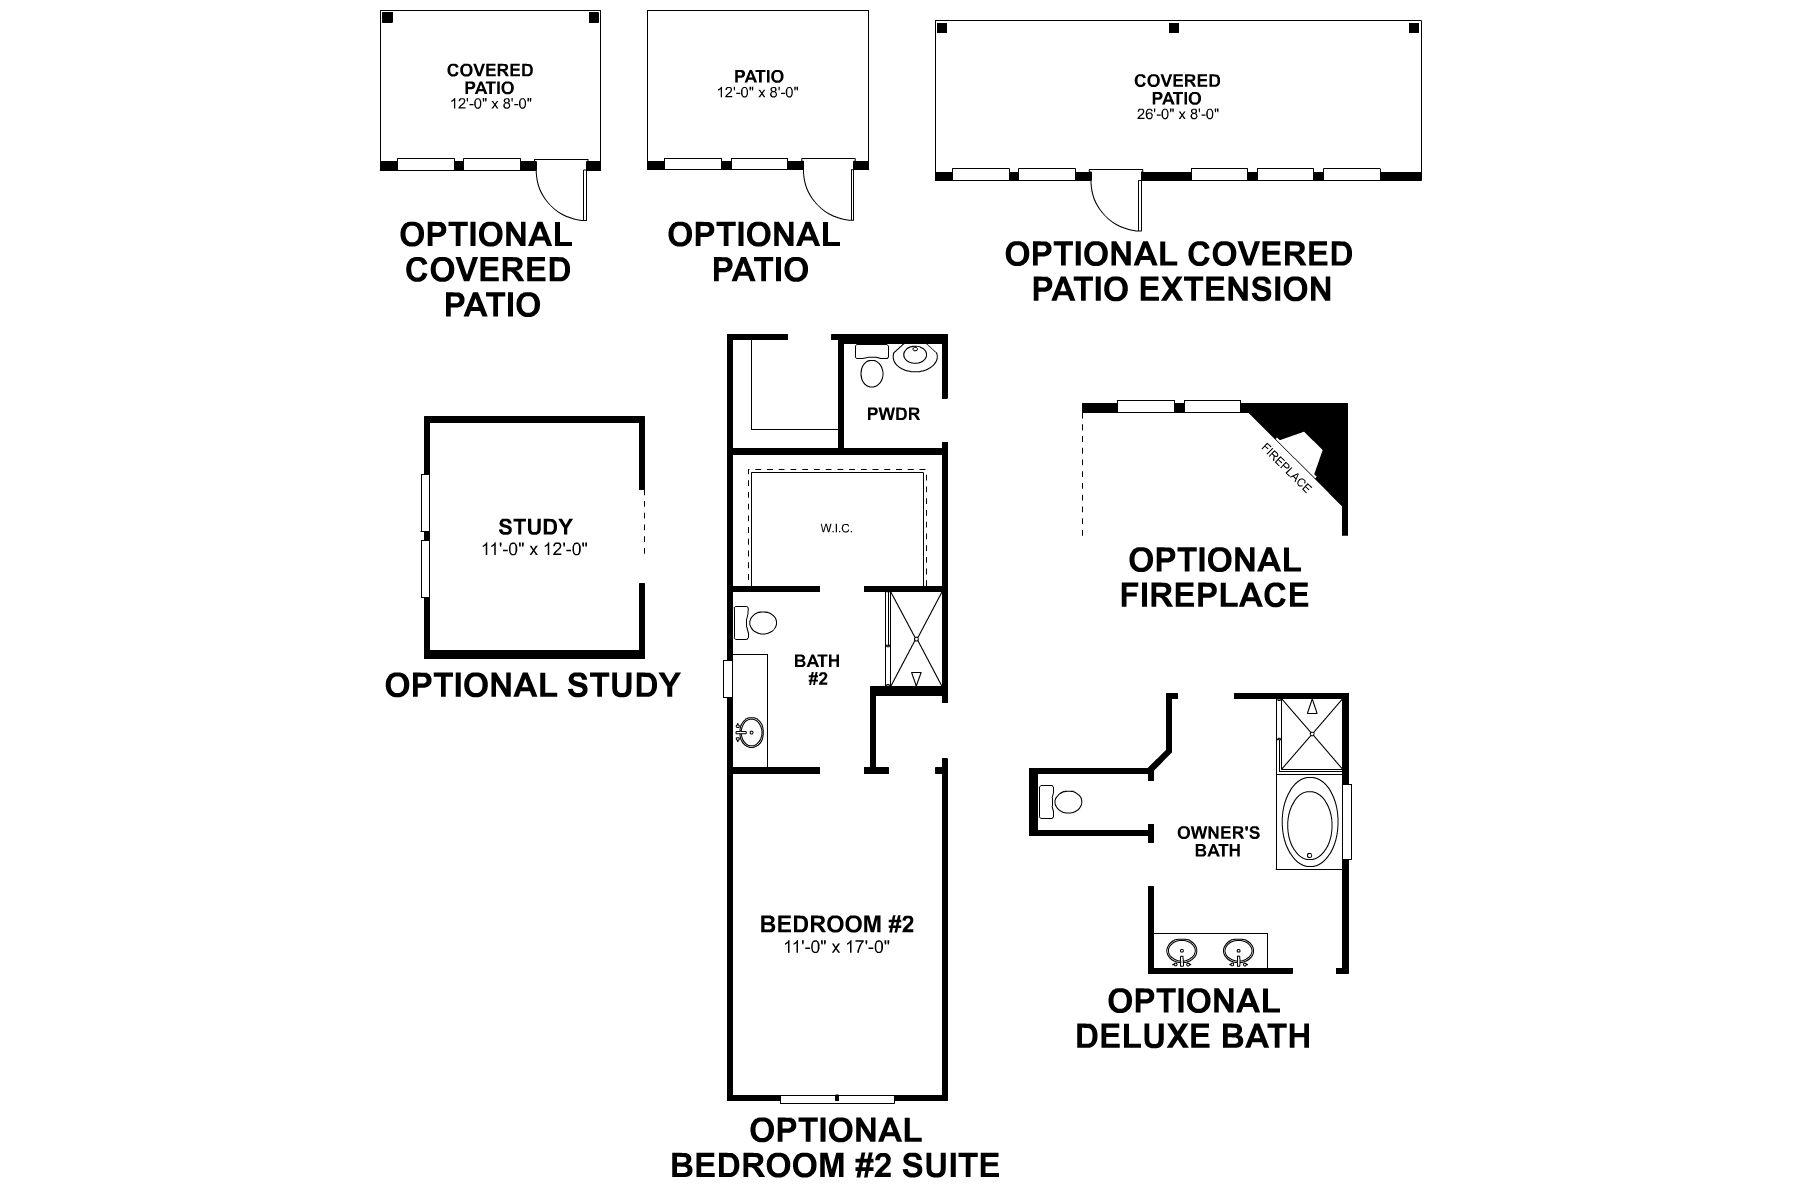 Balcones First Floor Options